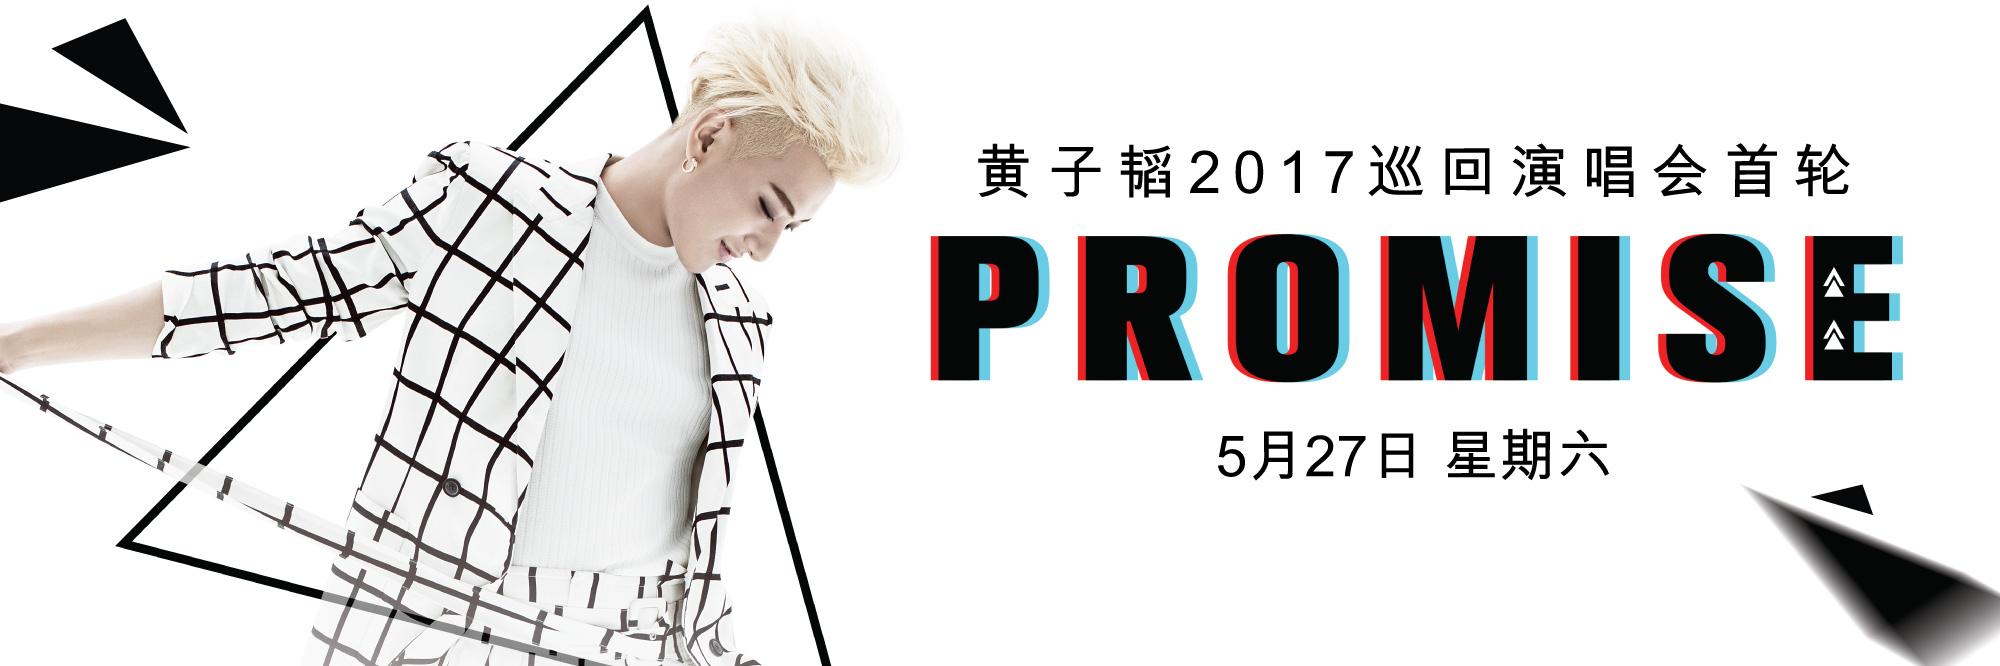 黄子韬2017 PROMISE巡回演唱会首轮-澳门站